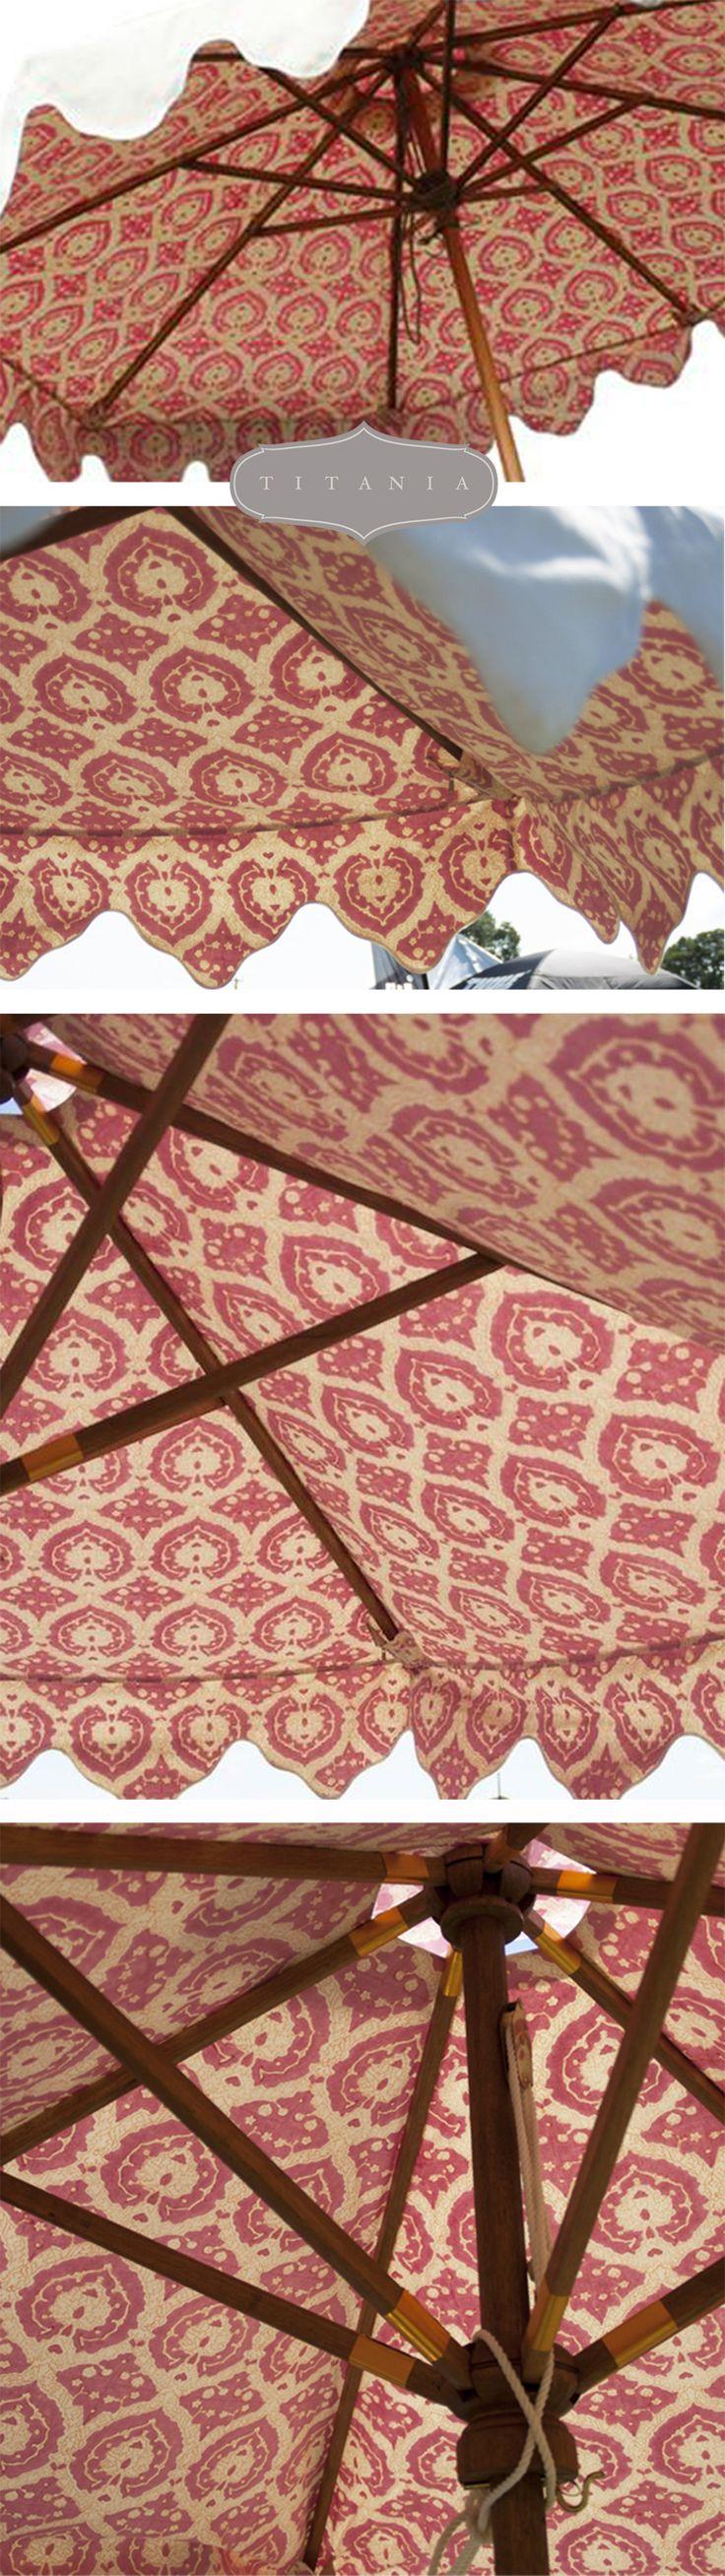 2b608bf40a9f2e2ffdc286e556383575 Unique De Promo Parasol Schème